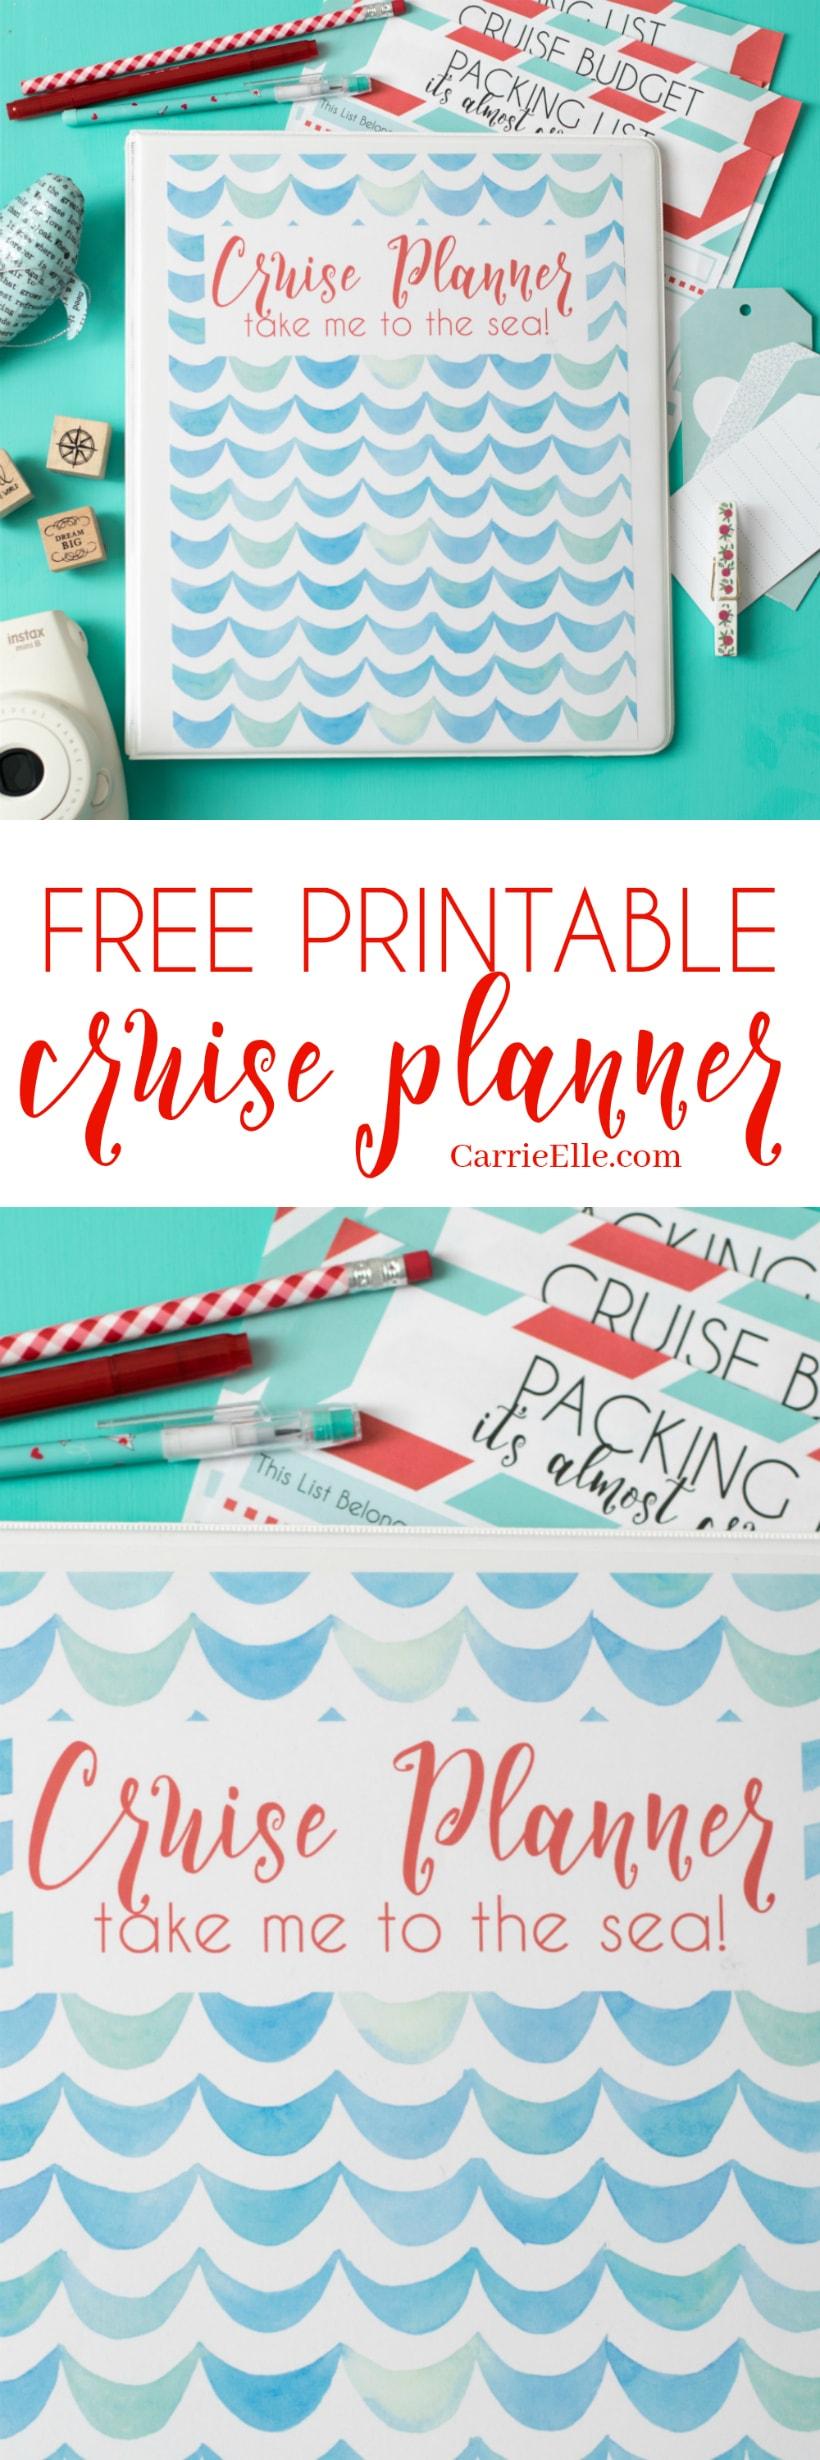 cute printable planner